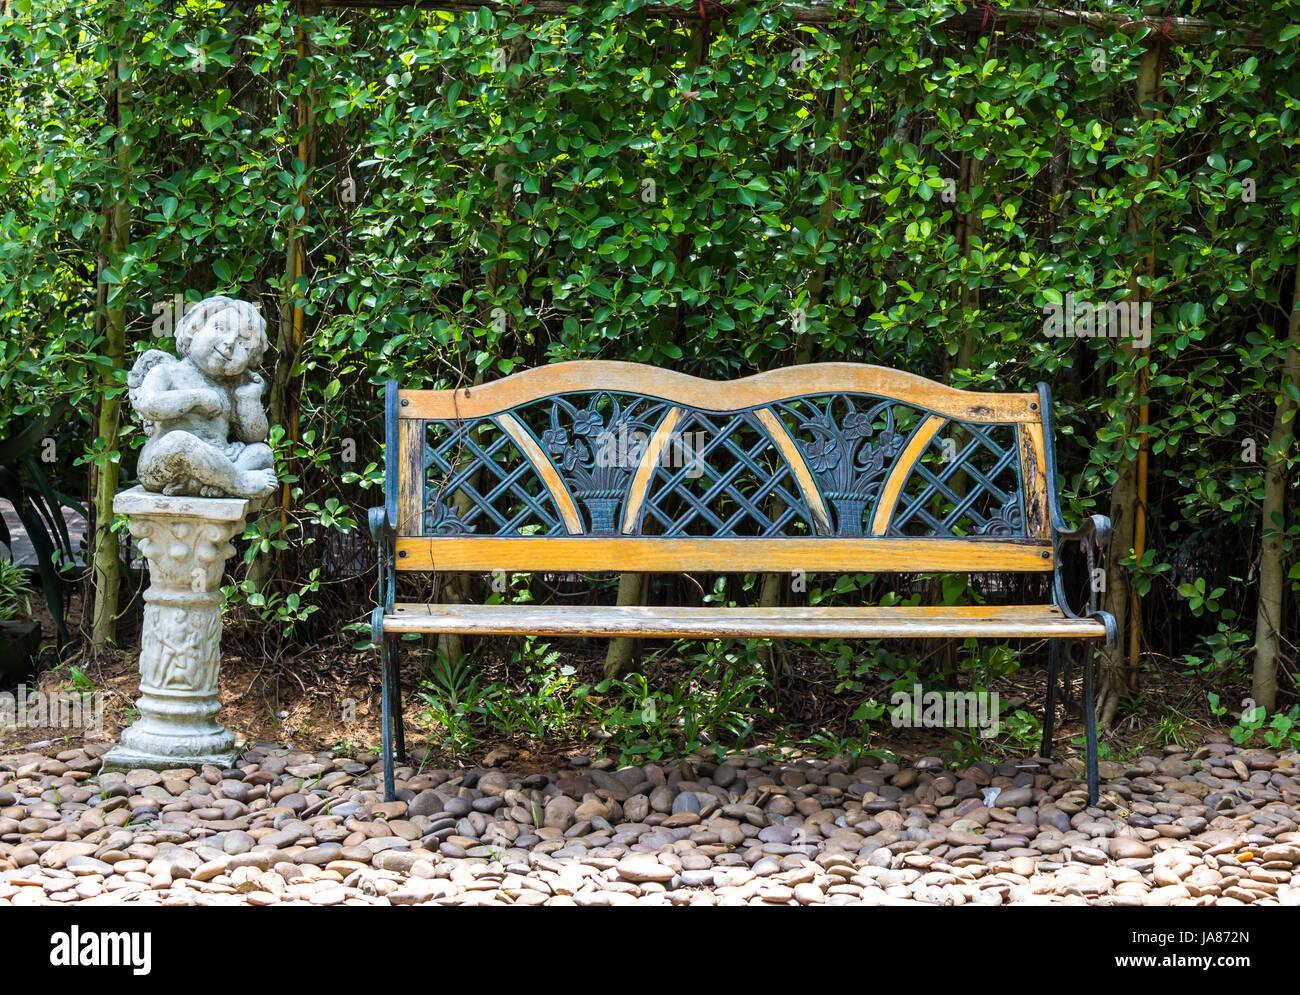 Wunderbar Sitzplatz Garten Ideen Von Sessel, Park, Garten, Sitzplatz, Landschaft, Landschaft, Landschaft,